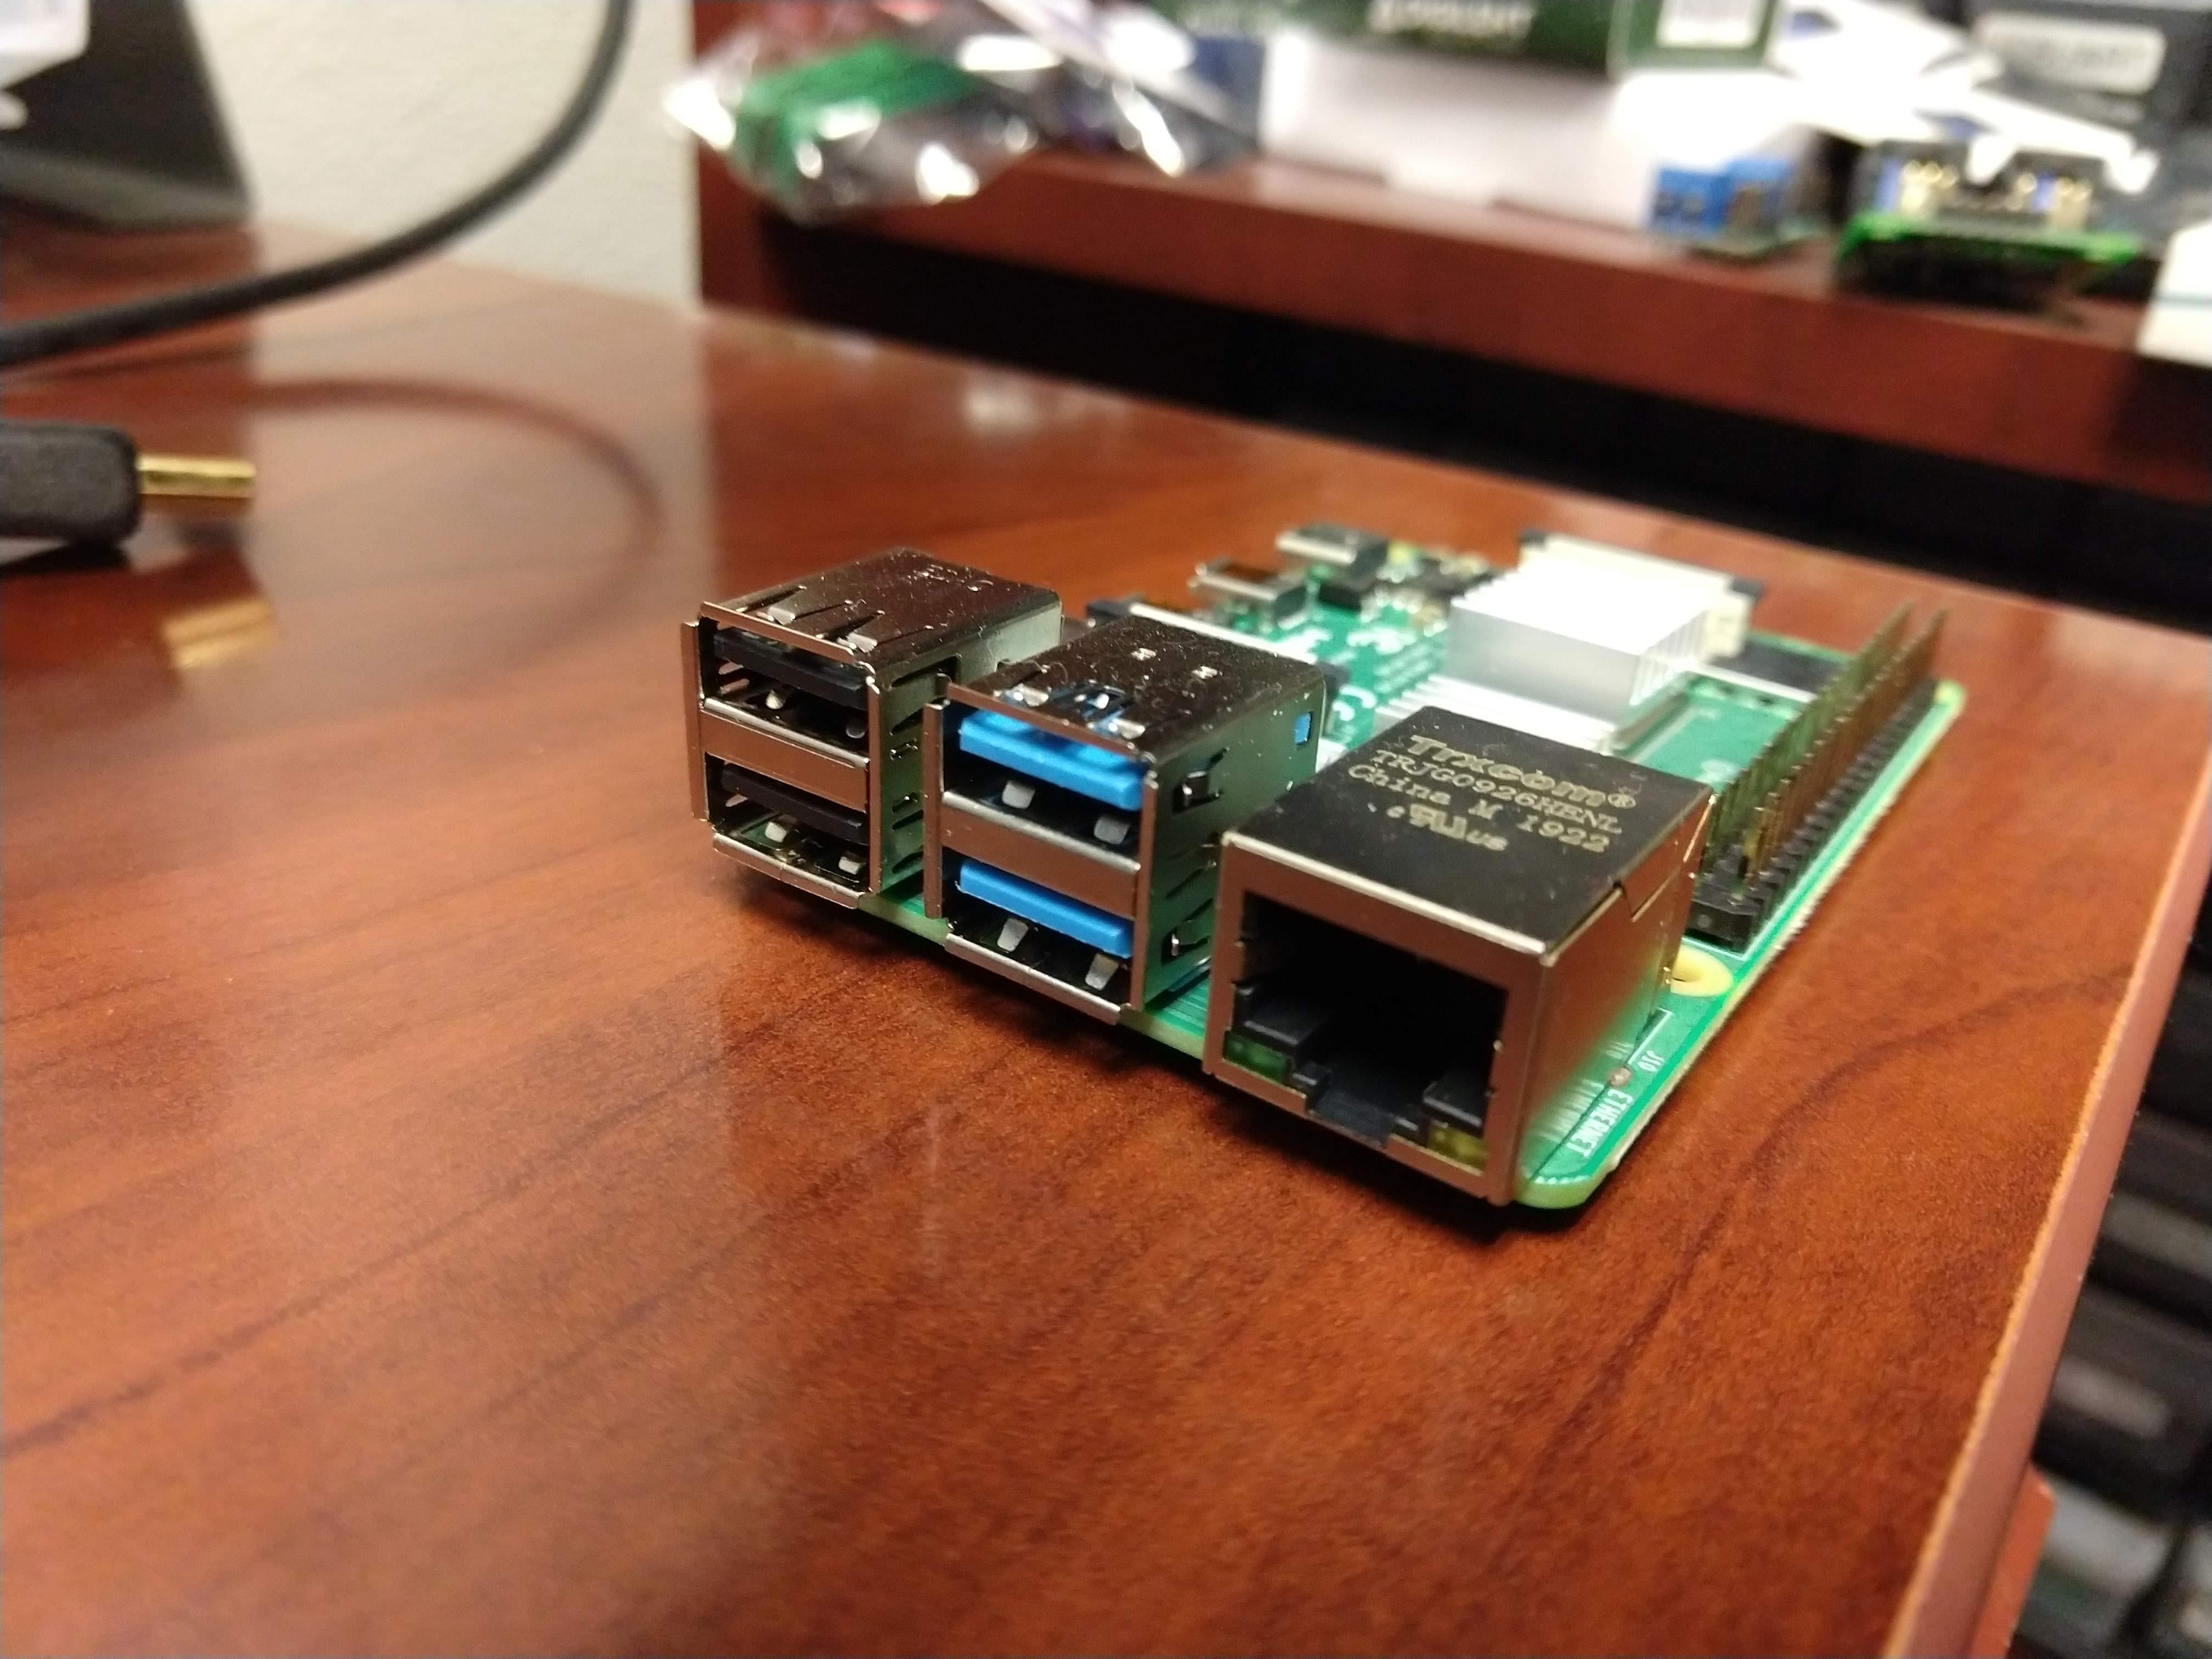 Blue USB 3.0 ports